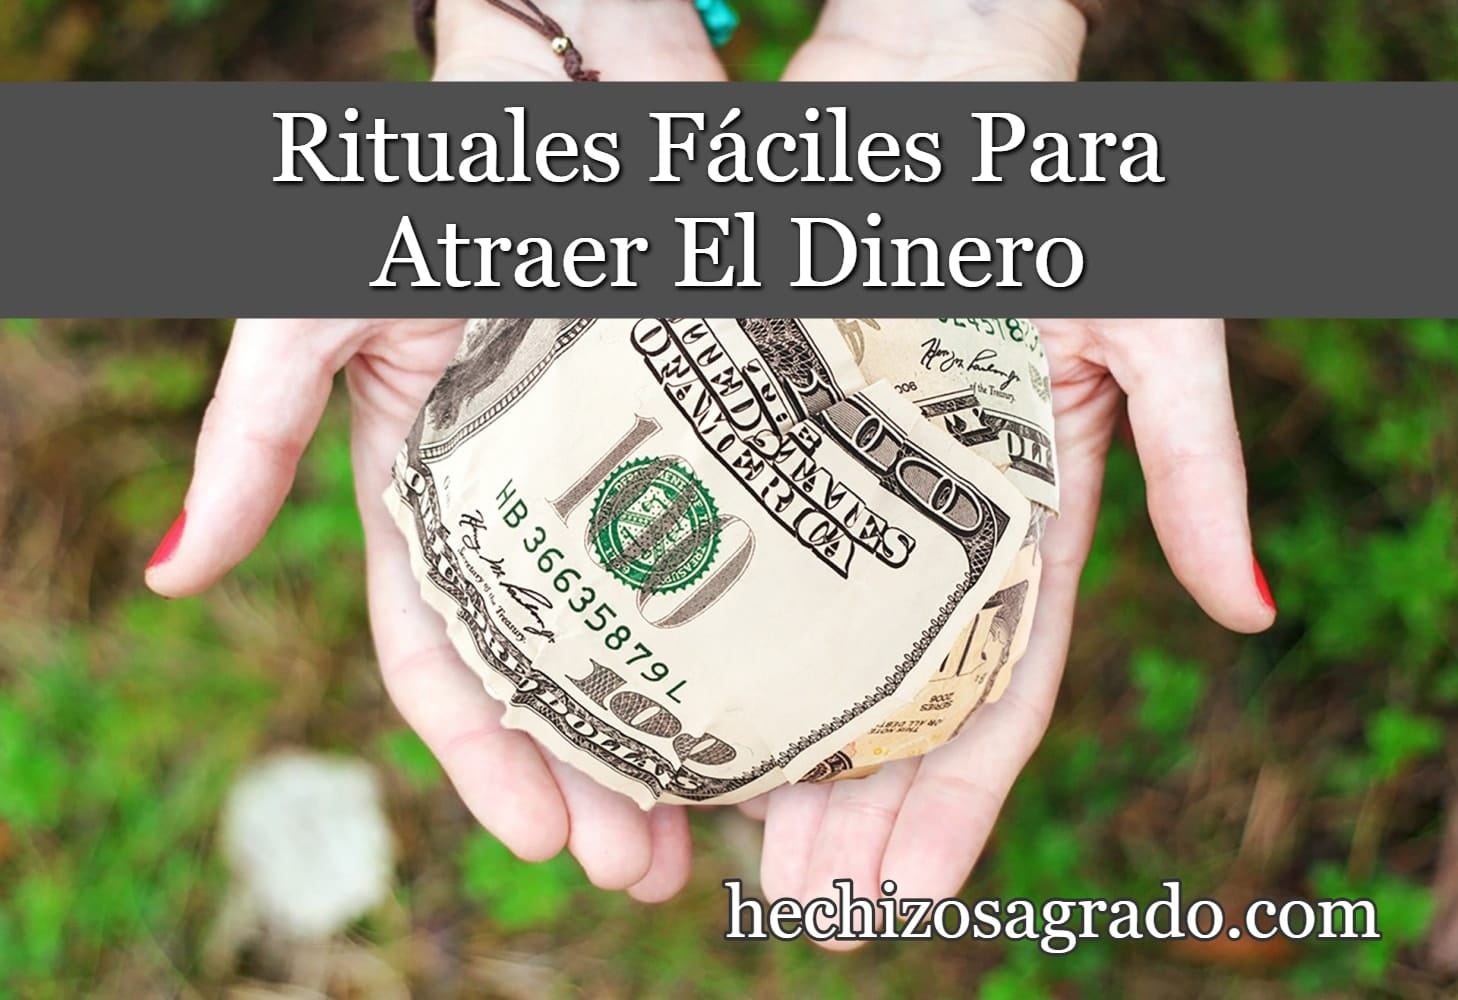 Rituales Fáciles Para Atraer El Dinero